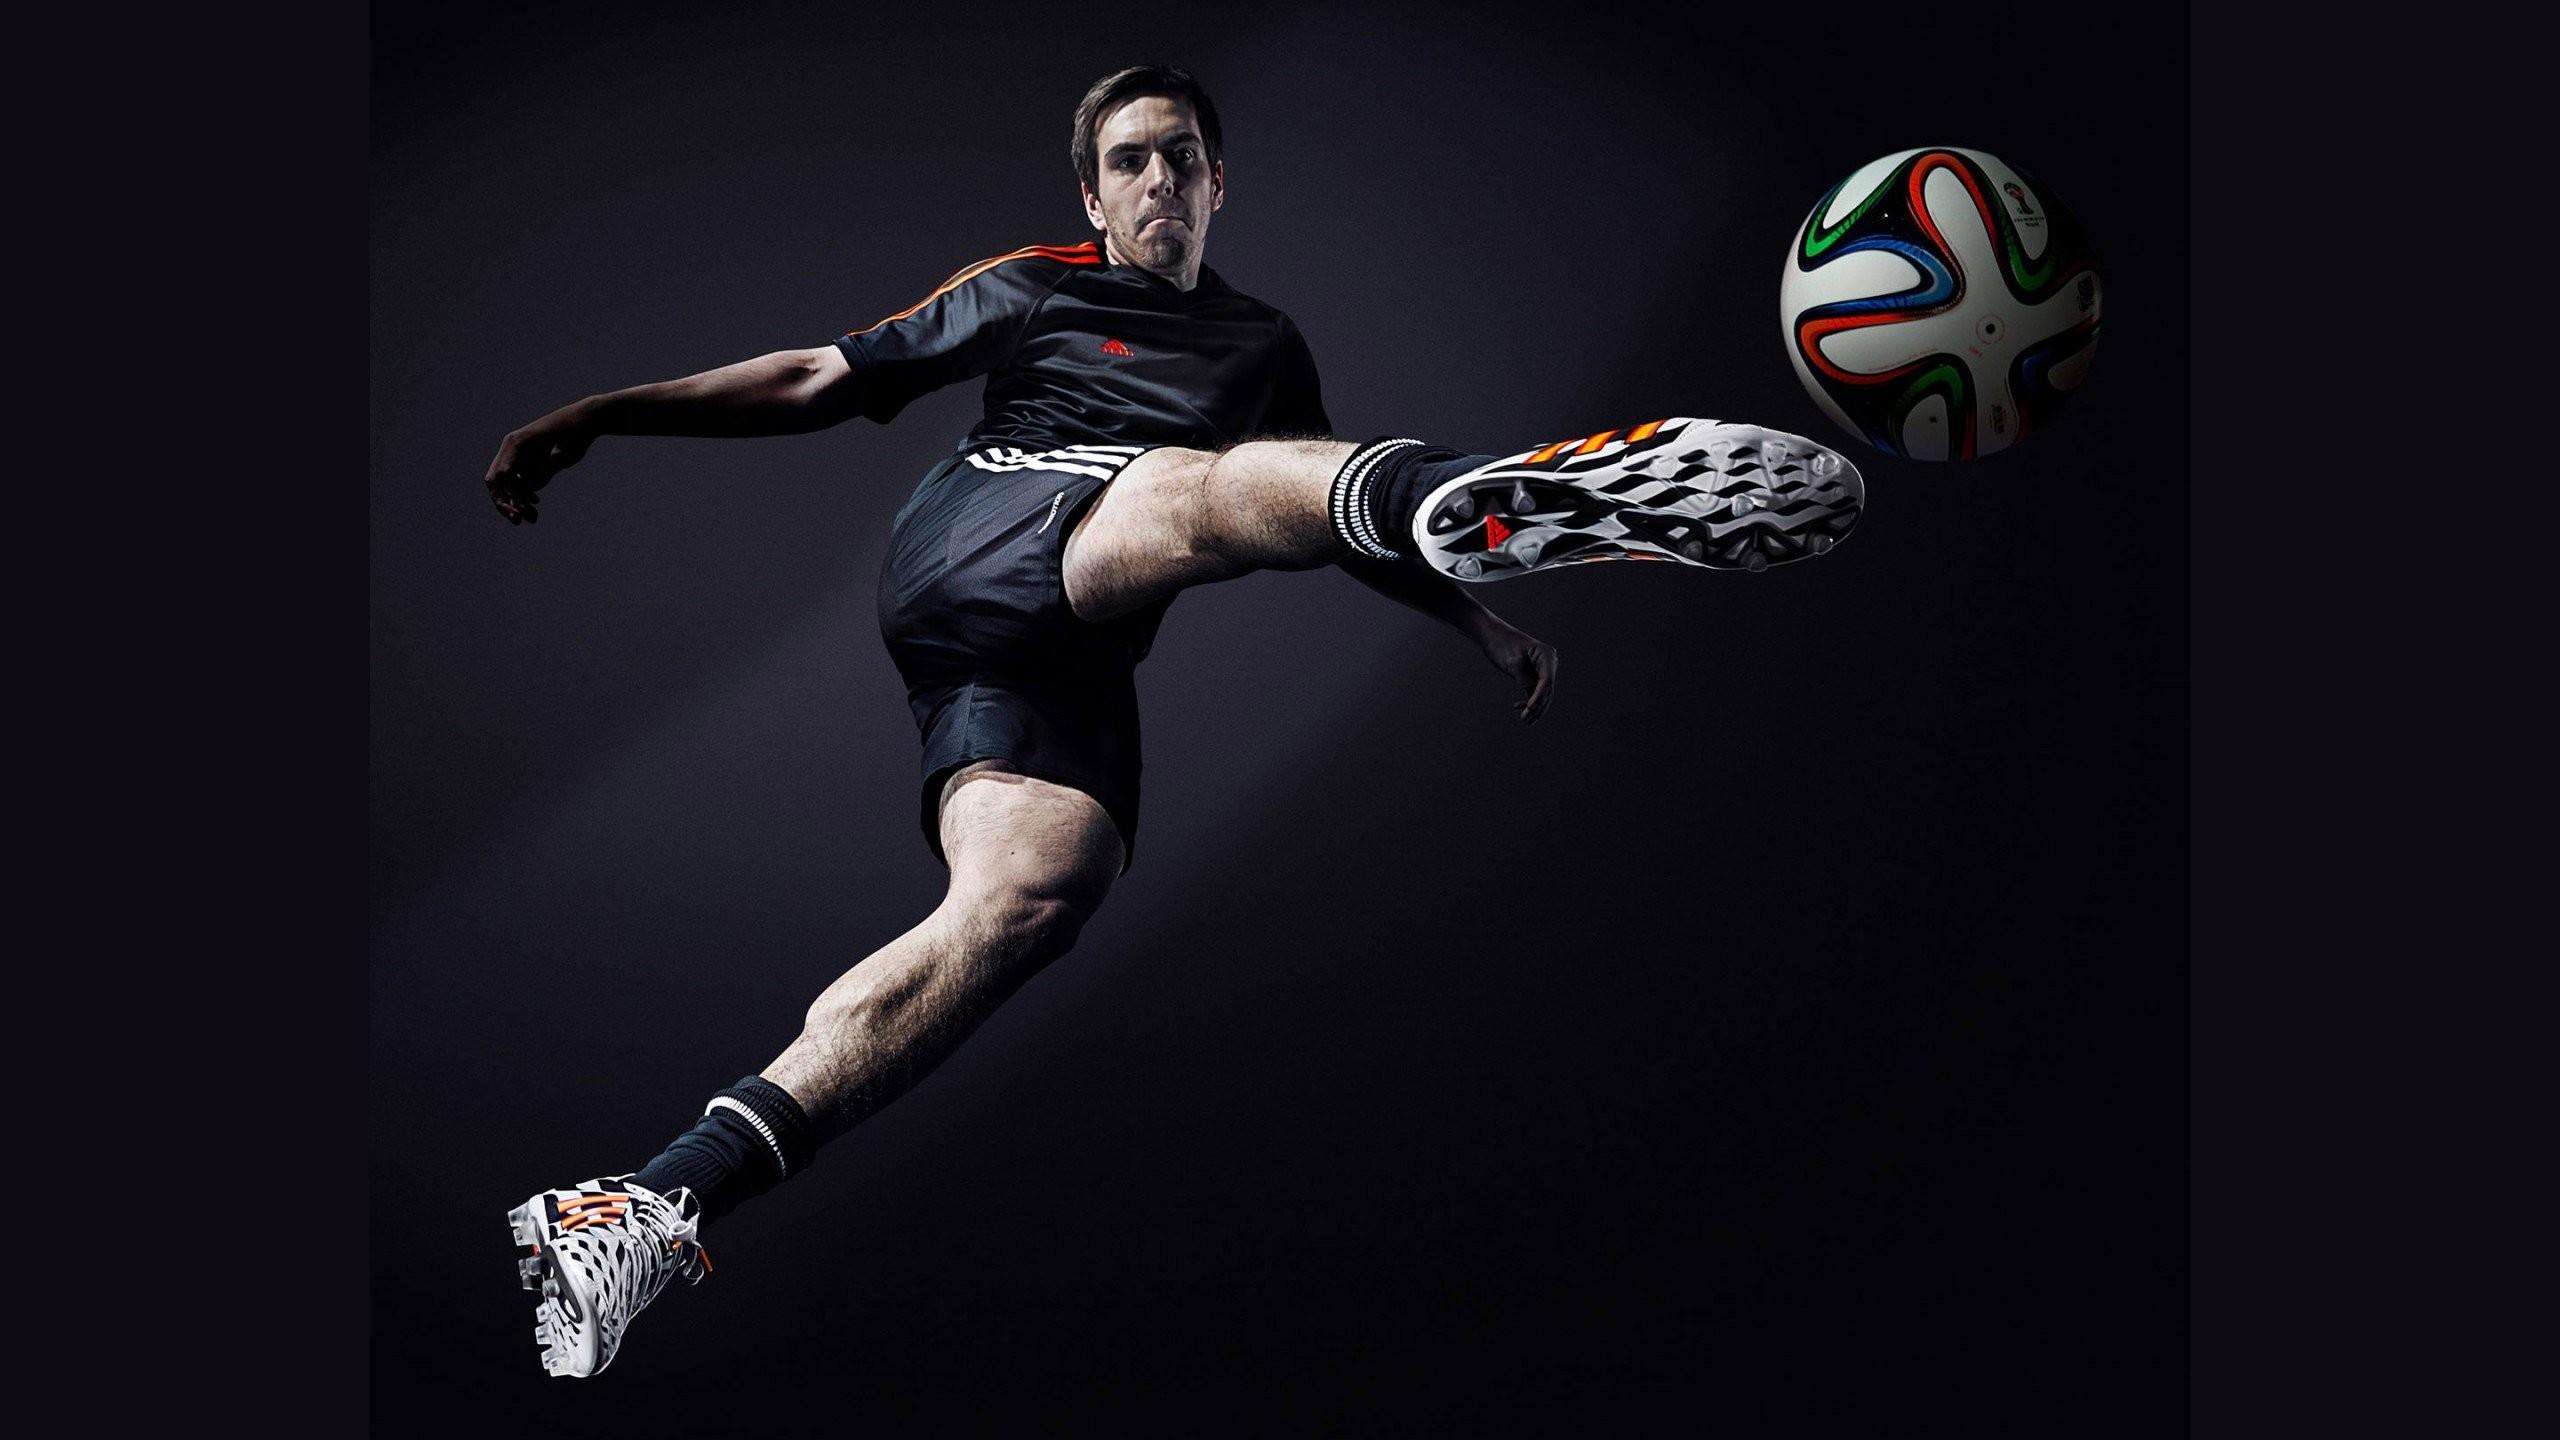 Adidas soccer wallpaper wallpapertag - Adidas football hd wallpapers ...